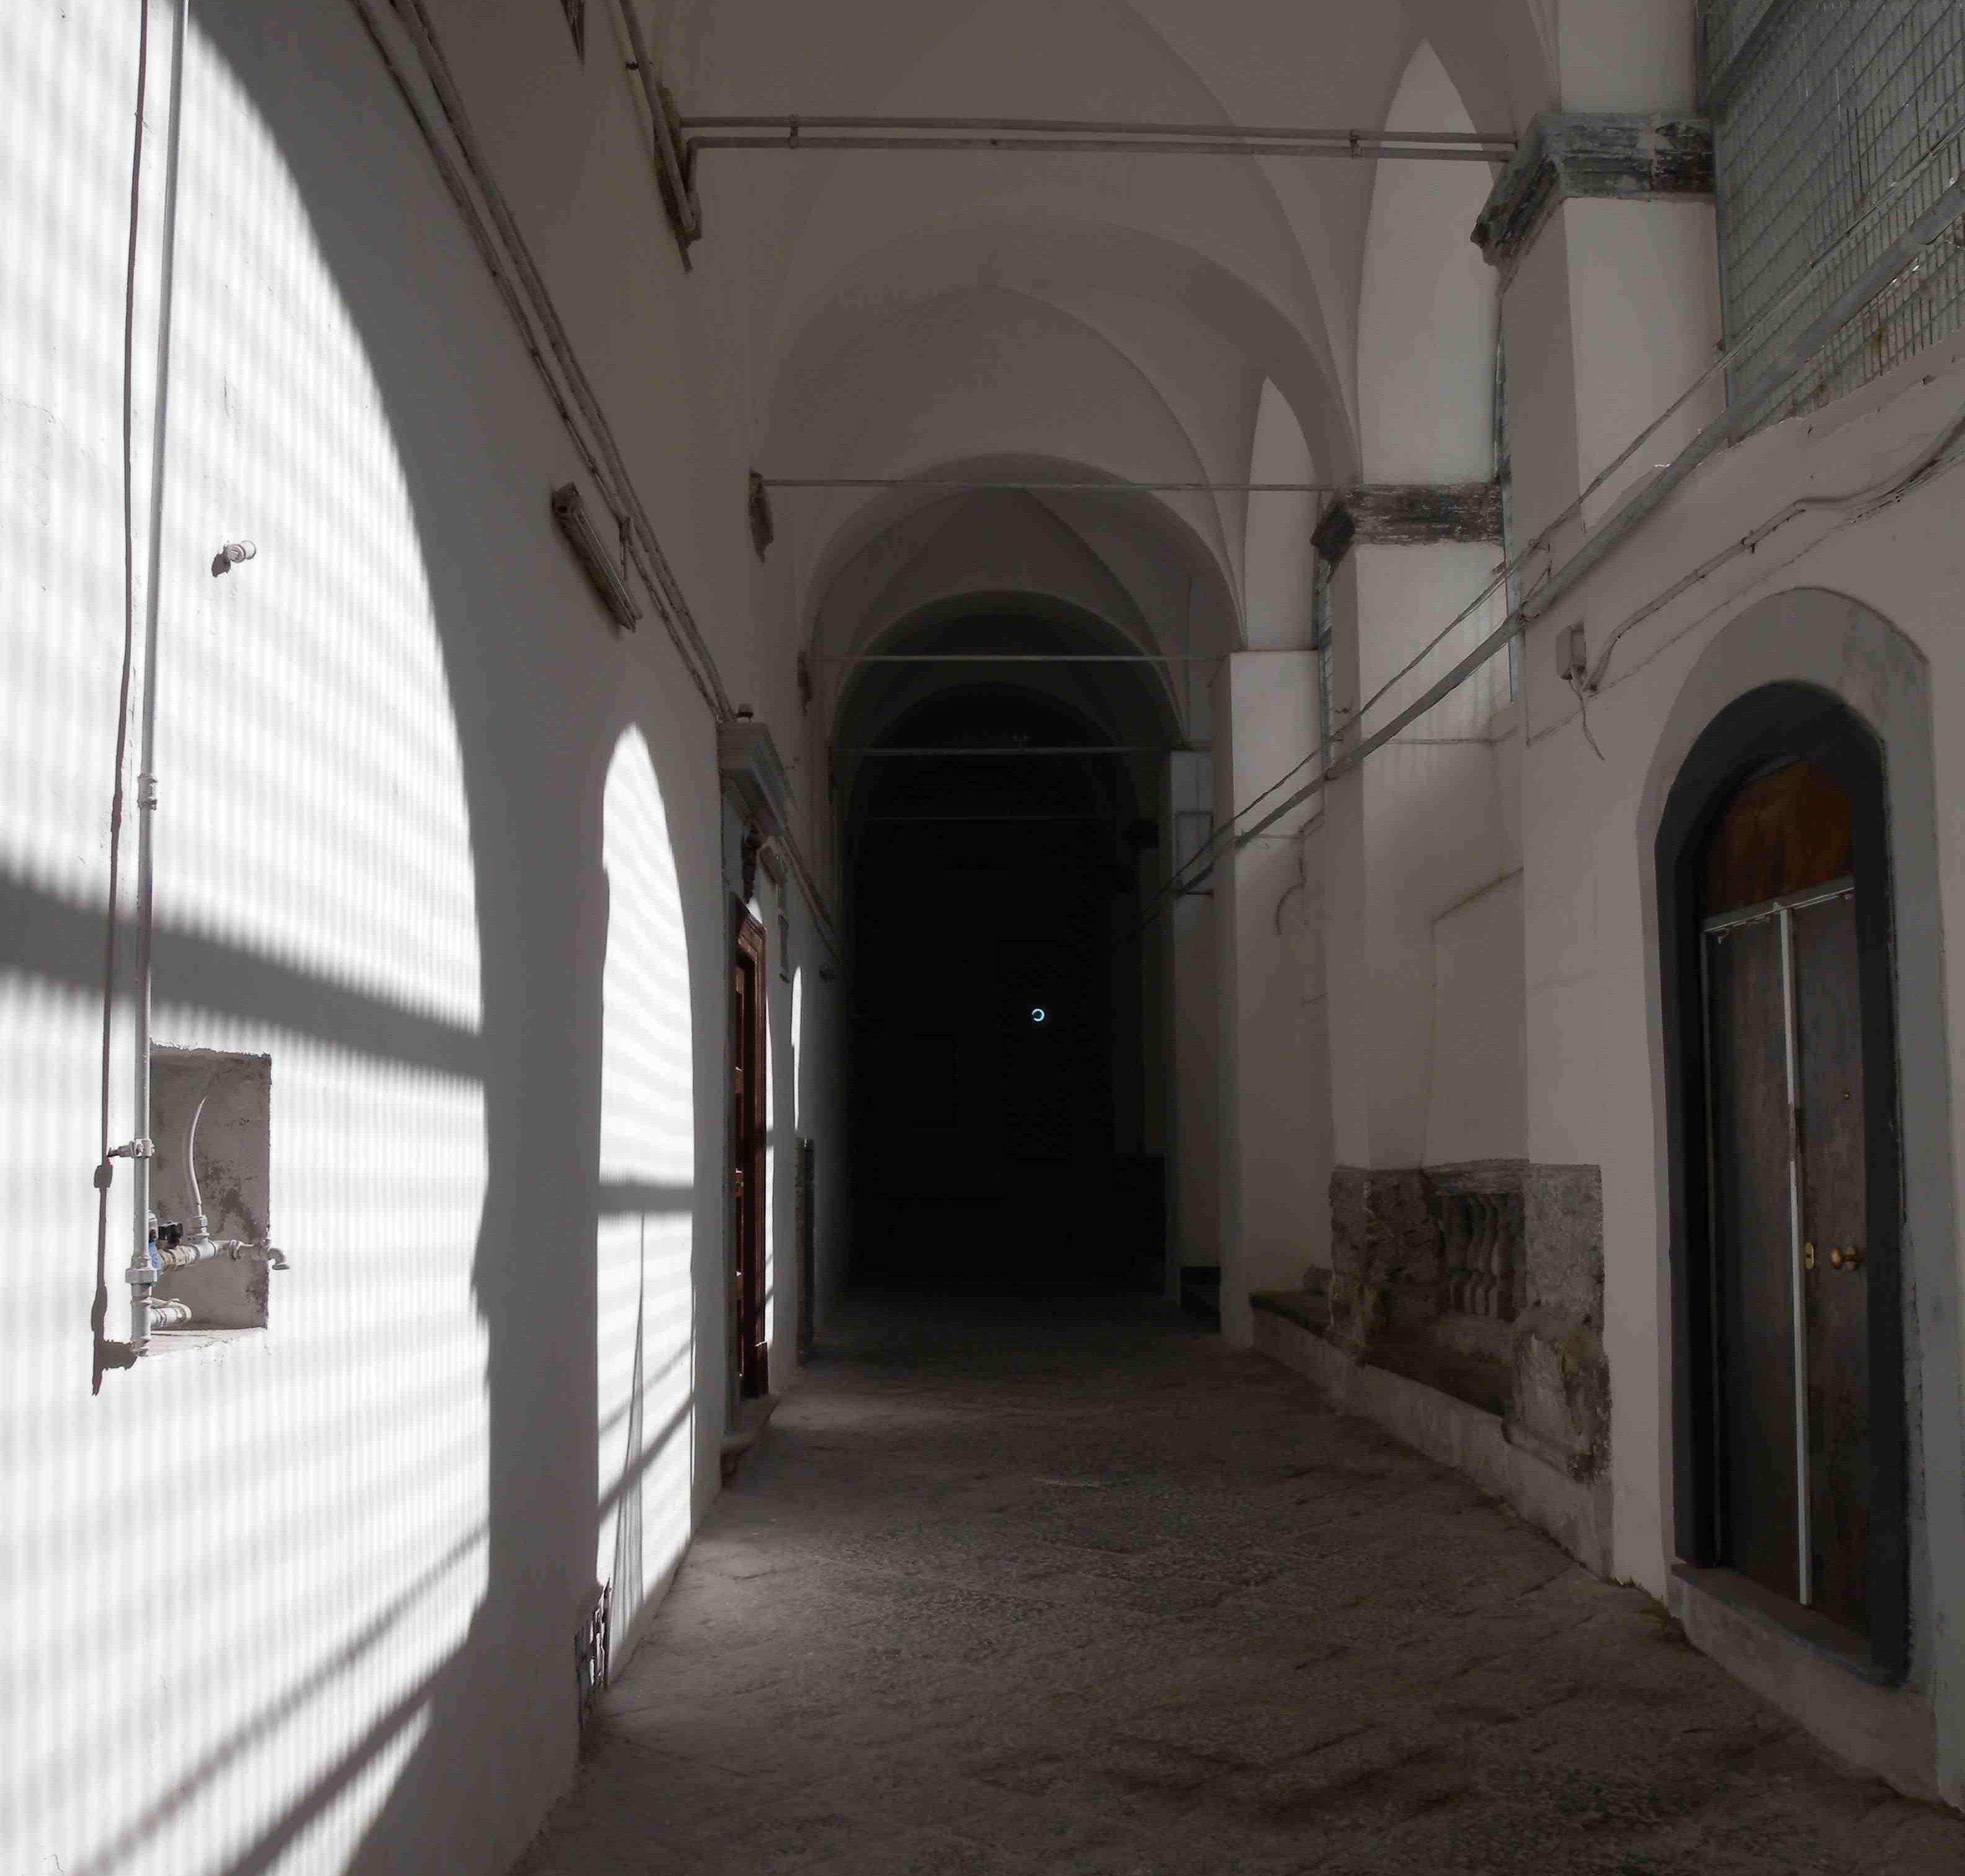 Una Casaforte Interdisciplinare E Trasversale A Napoli Si